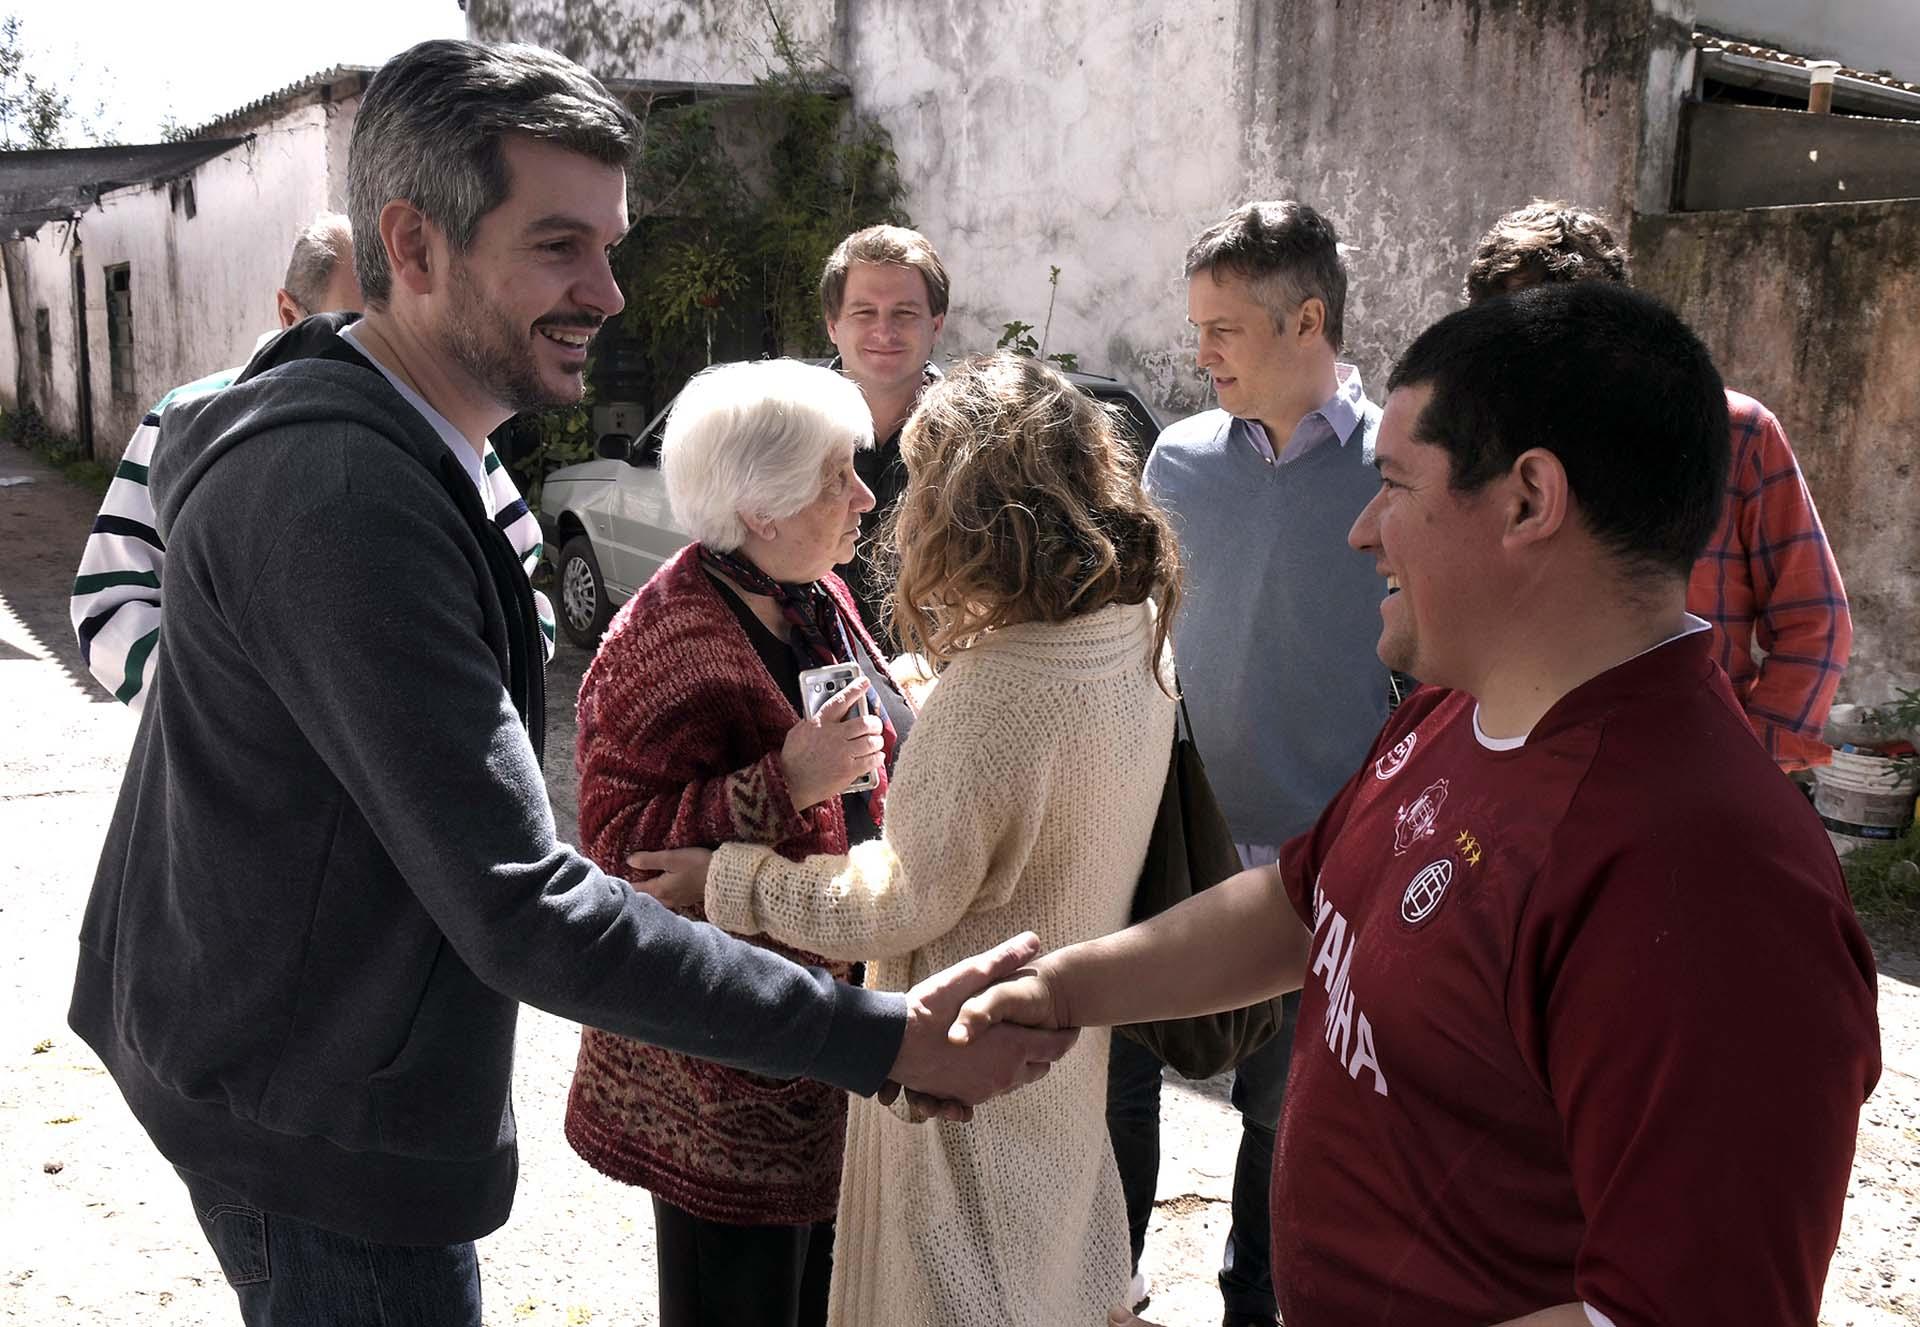 El jefe de Gabinete de la Nación, Marcos Peña, y el secretario general de la Presidencia, Fernando de Andreis, recorrieron el municipio bonaerense de San Fernando